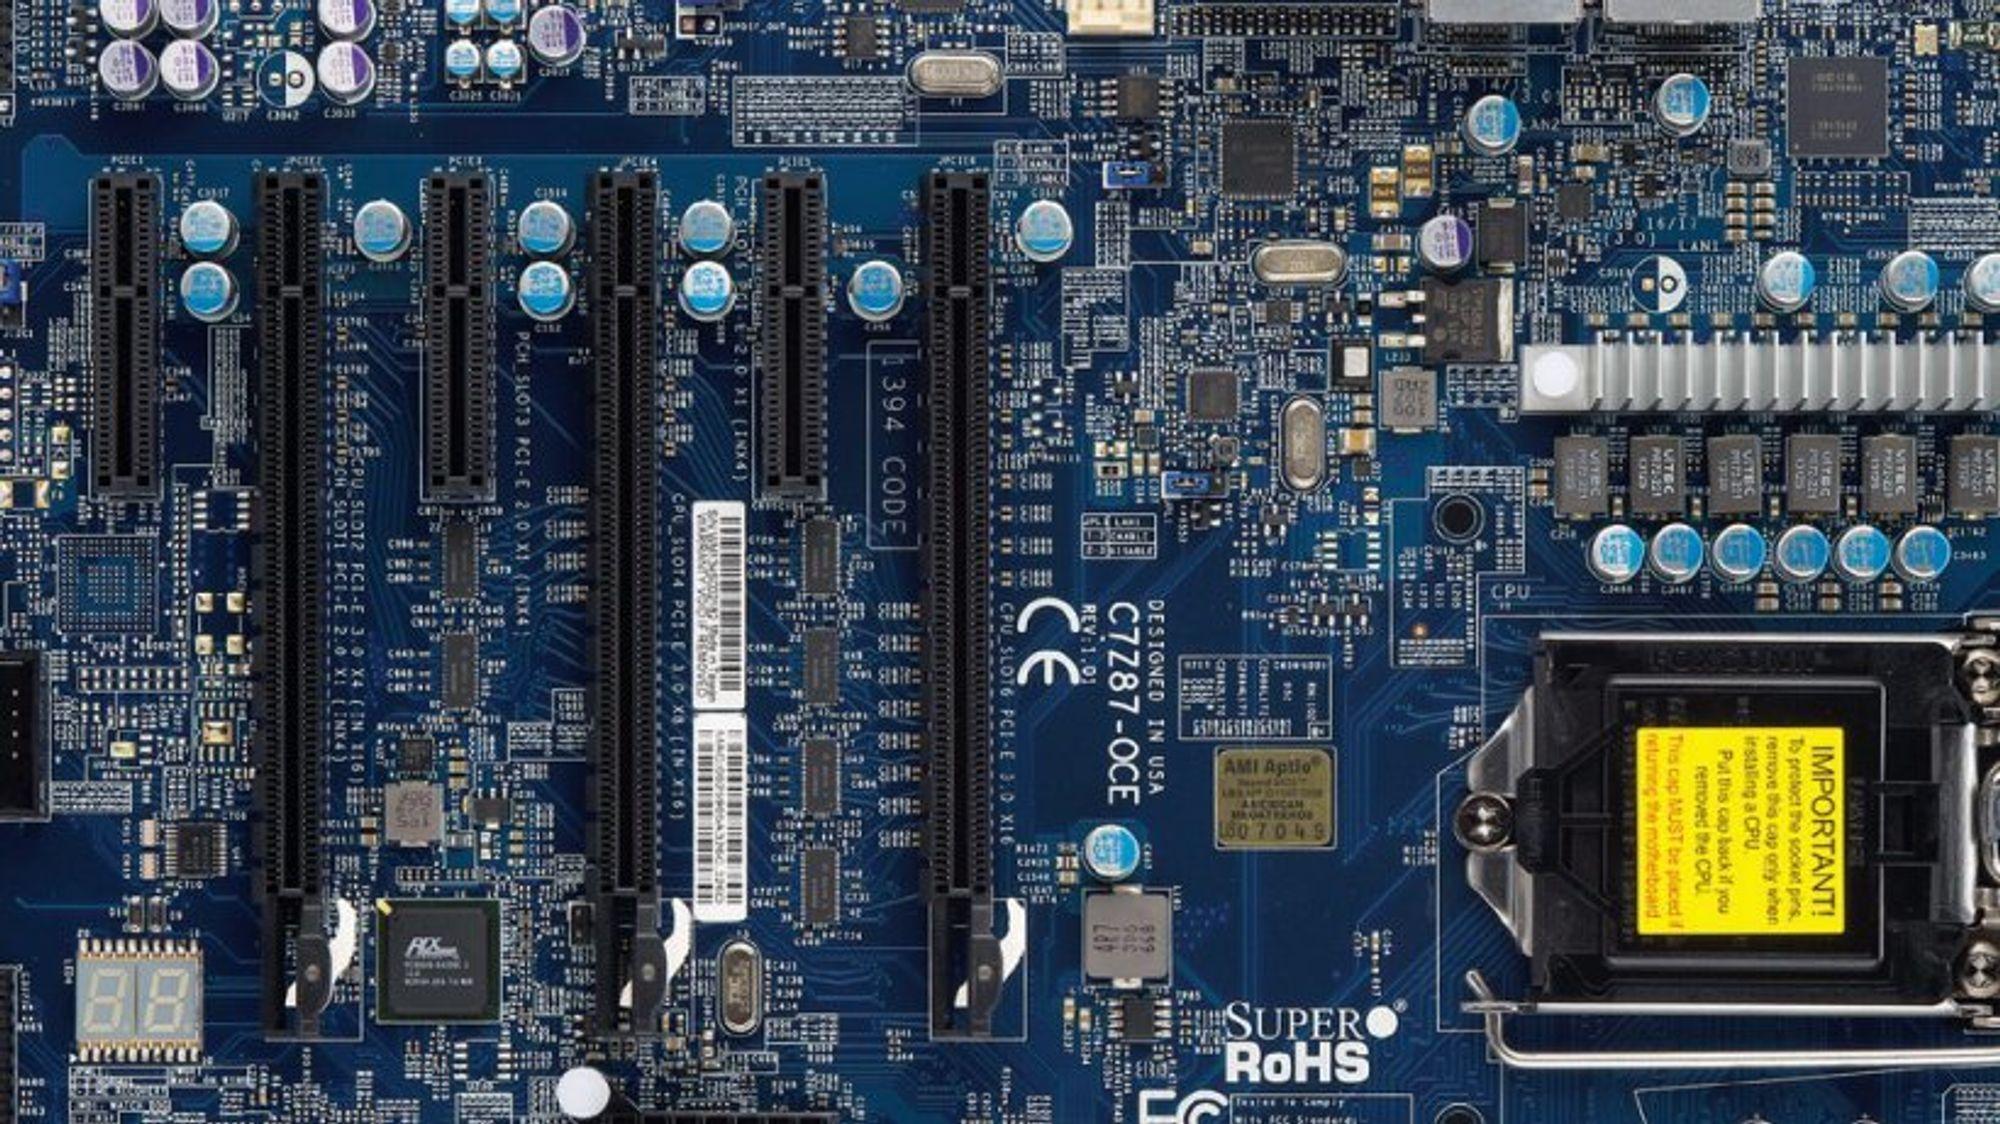 I 2017 skrotet Forsvarsdepartementet to komponenter verd mer enn 500.000 kroner fra Super Micro Computer etter at det ble kjent at kinesisk etterretning hadde montert spionutstyr på serverhovedkort fra produsenten. Bildet viser et PC-hovedkort fra samme produsent.